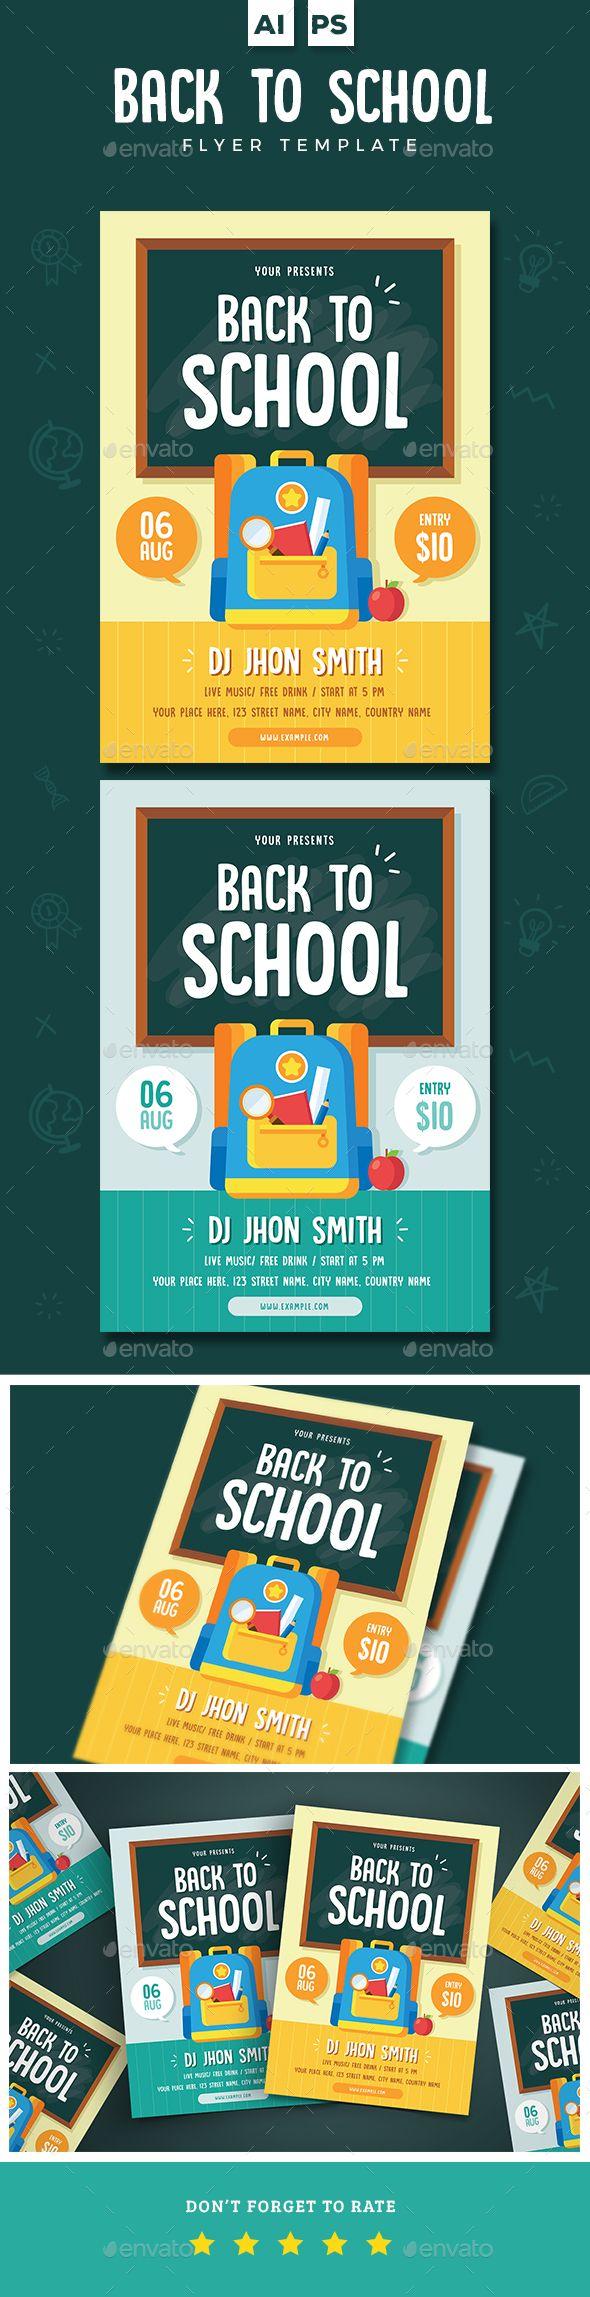 flyer for school